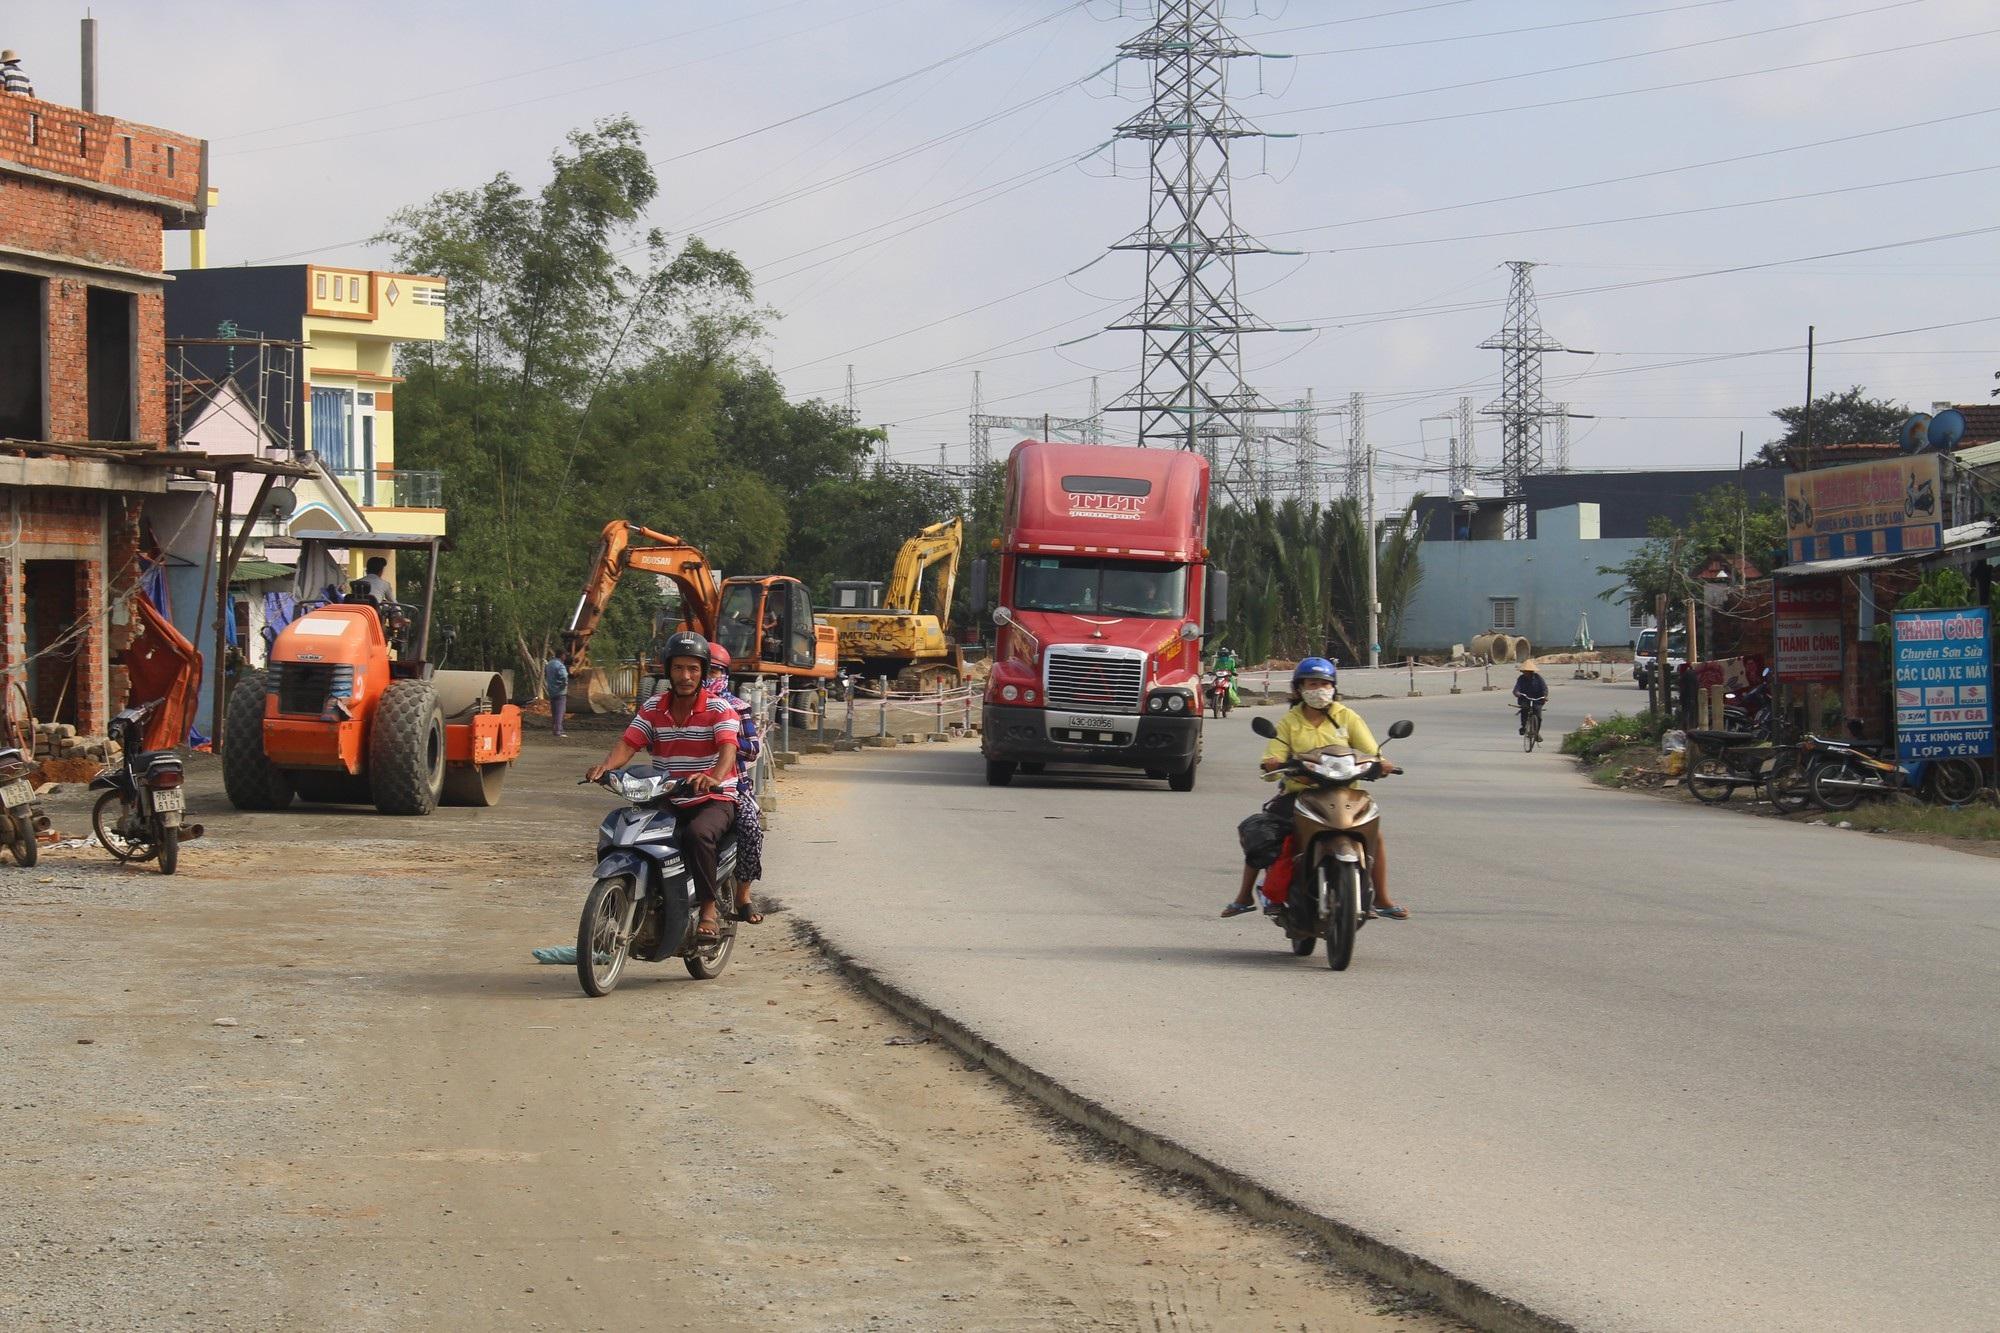 Quốc lộ 1A vẫn ngổn ngang sau 5 lần gia hạn tiến độ - Ảnh 4.